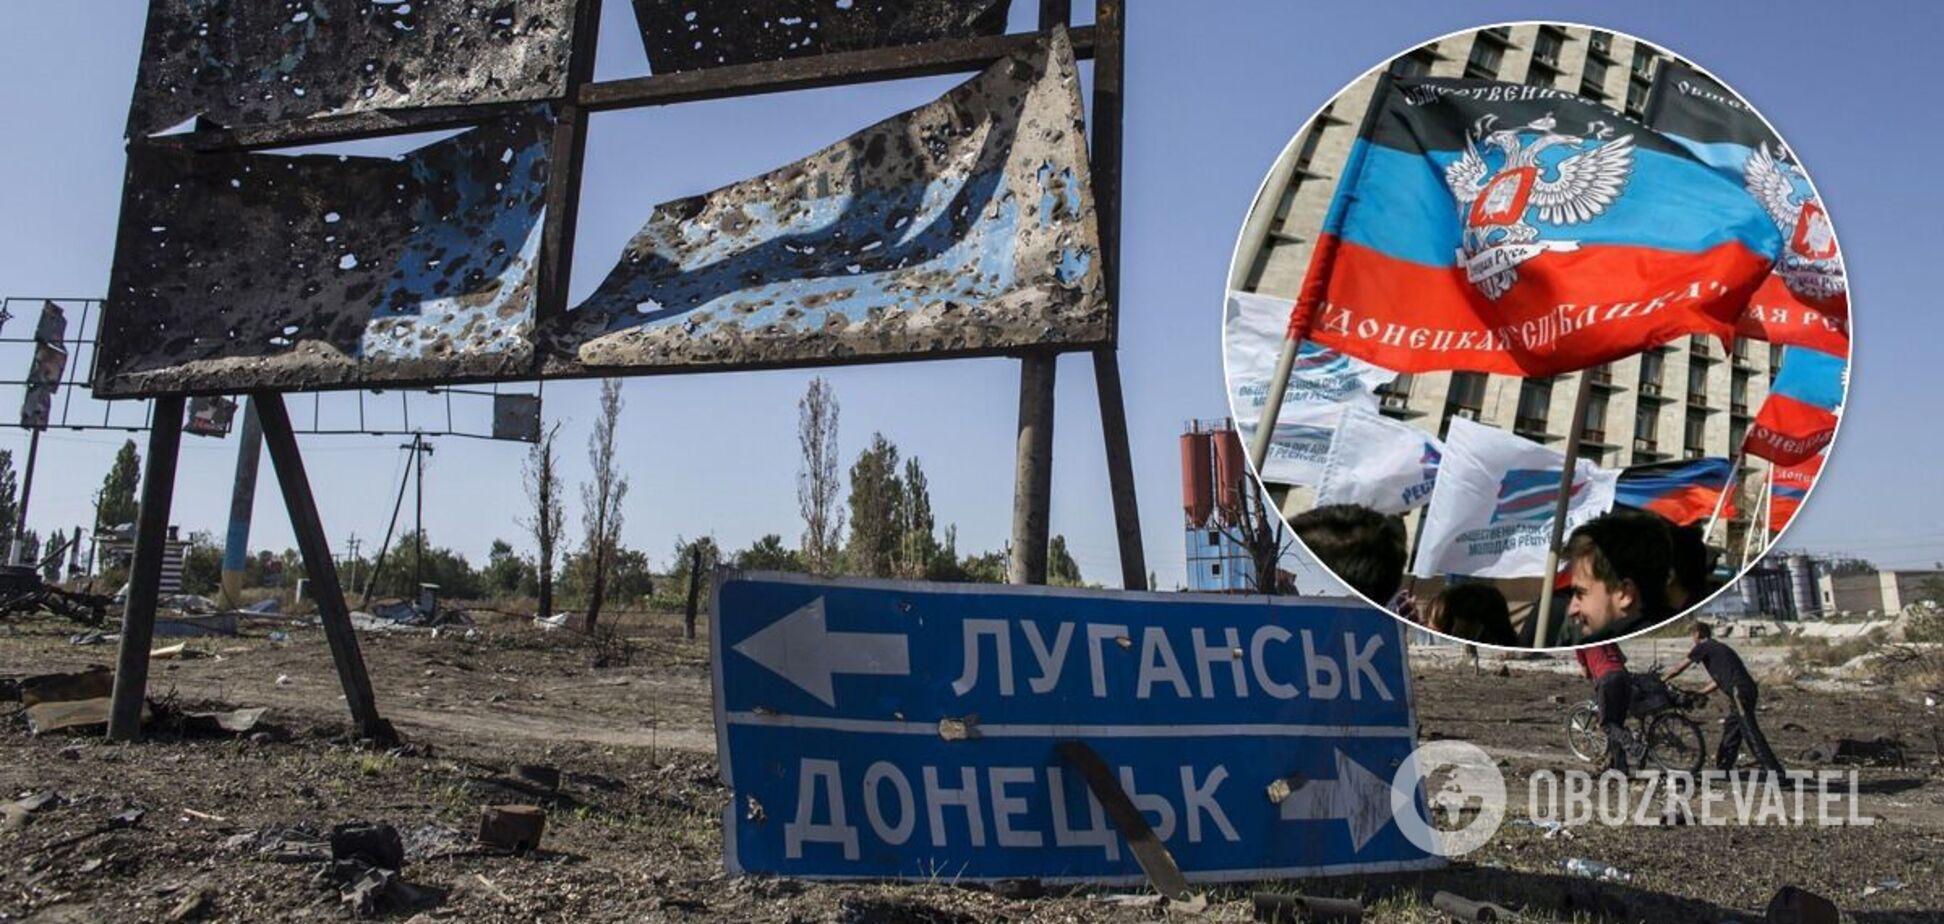 Переговоры по Донбассу заблокированы, Украину шантажируют пленными